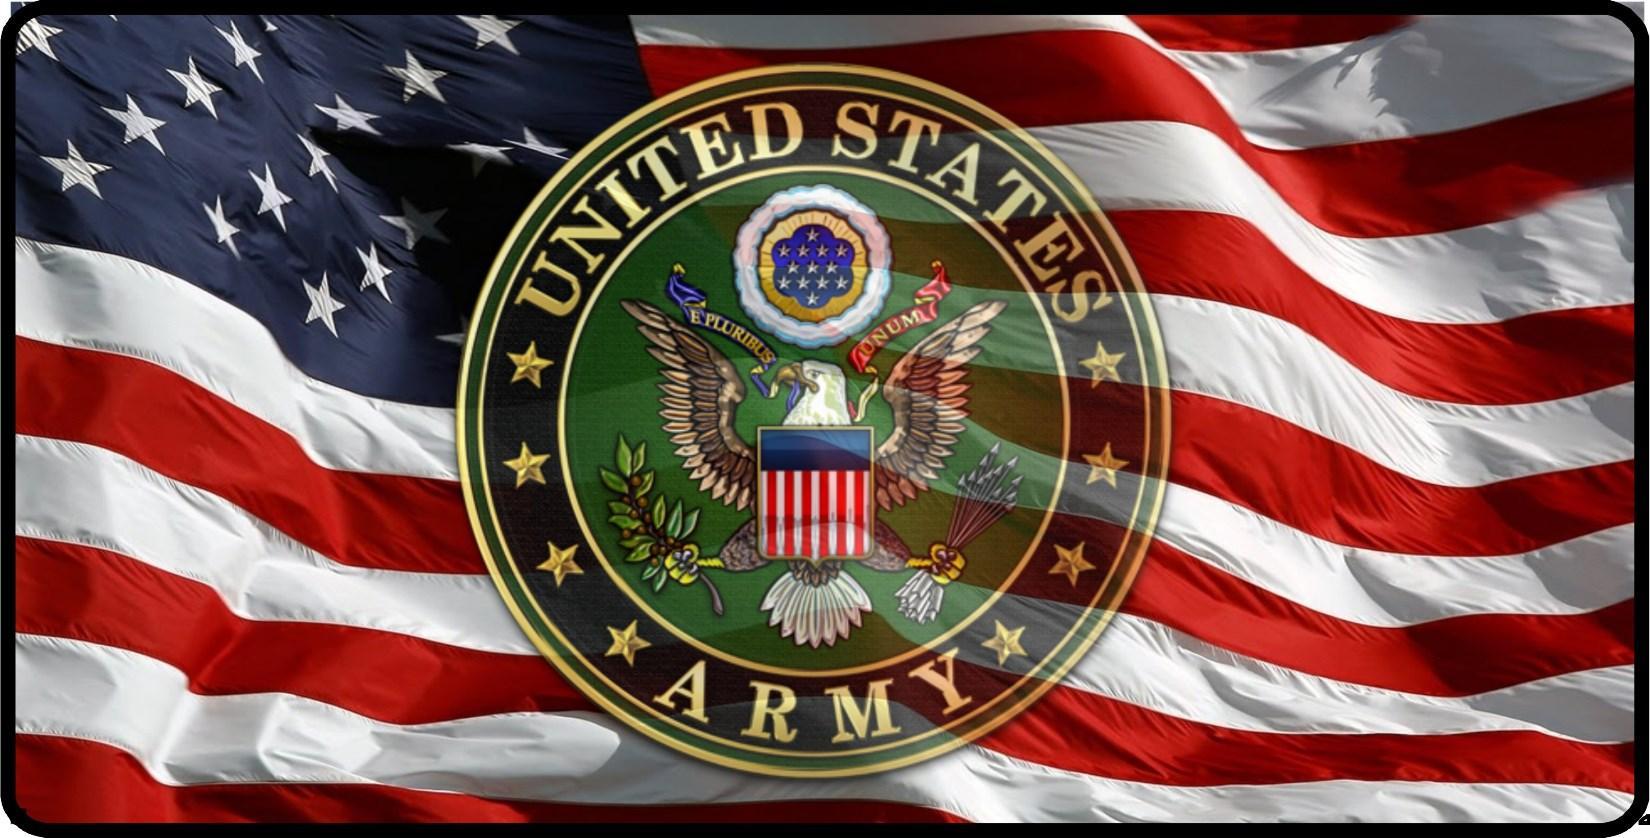 الجيش الامريكي ينشر خريطة الصحراء الغربية بحدودها المعترف بها دوليا